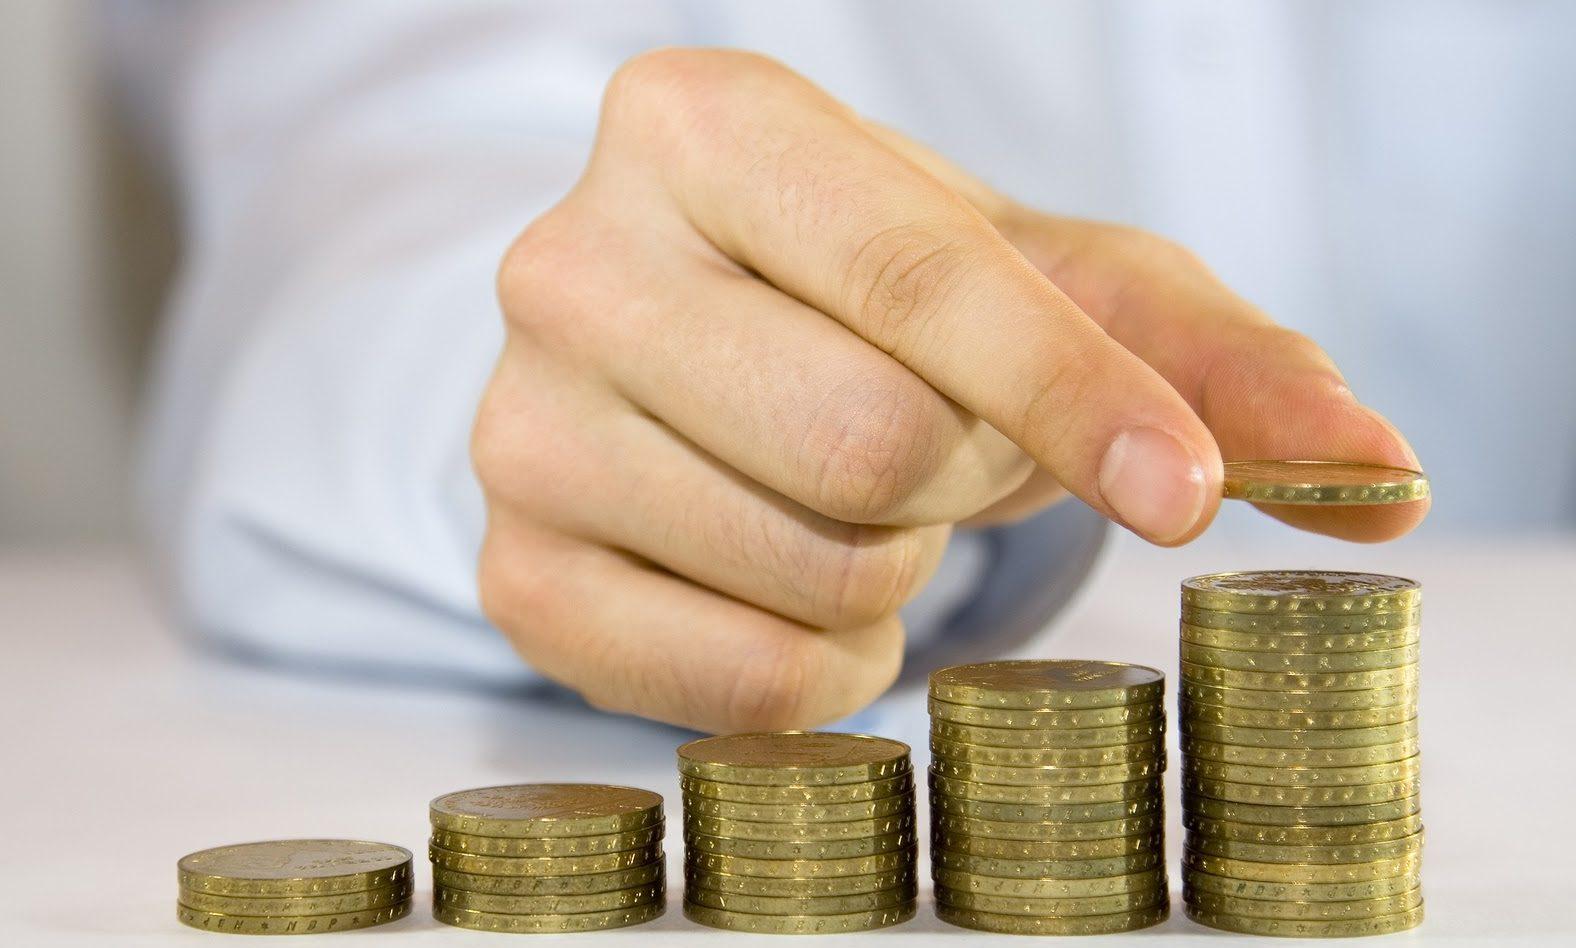 hogyan és hol lehet sok pénzt keresni hogyan lehet pénzt befektetni a bitcoinba